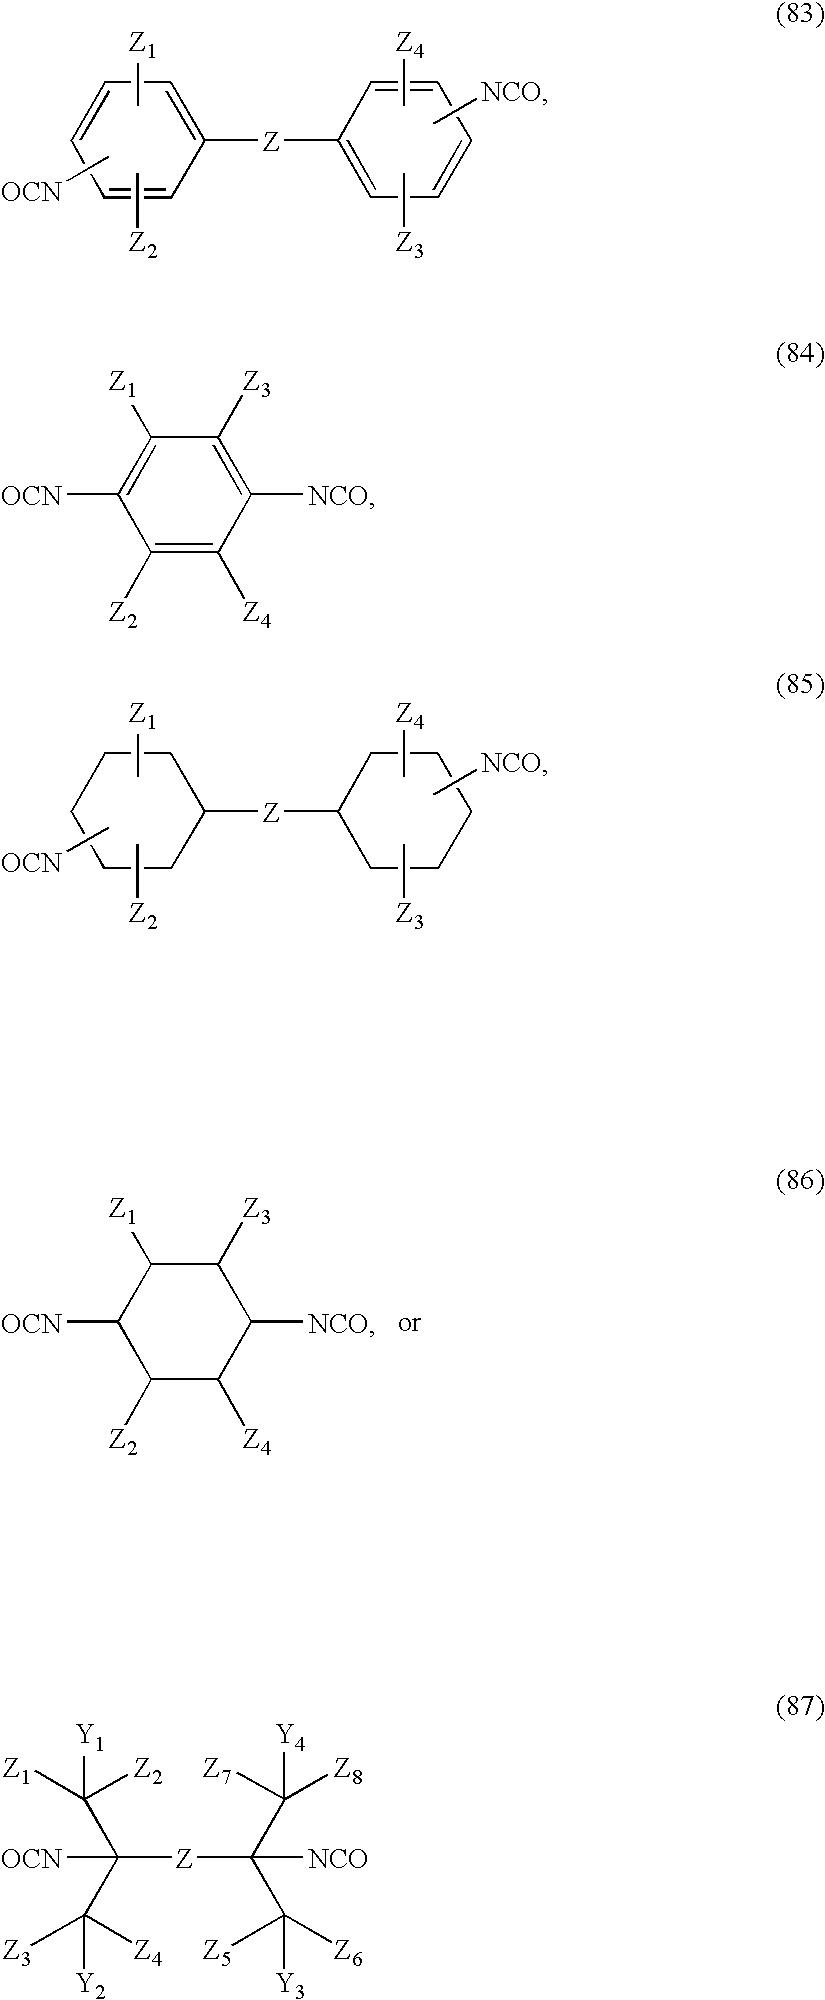 Figure US20050272899A1-20051208-C00056